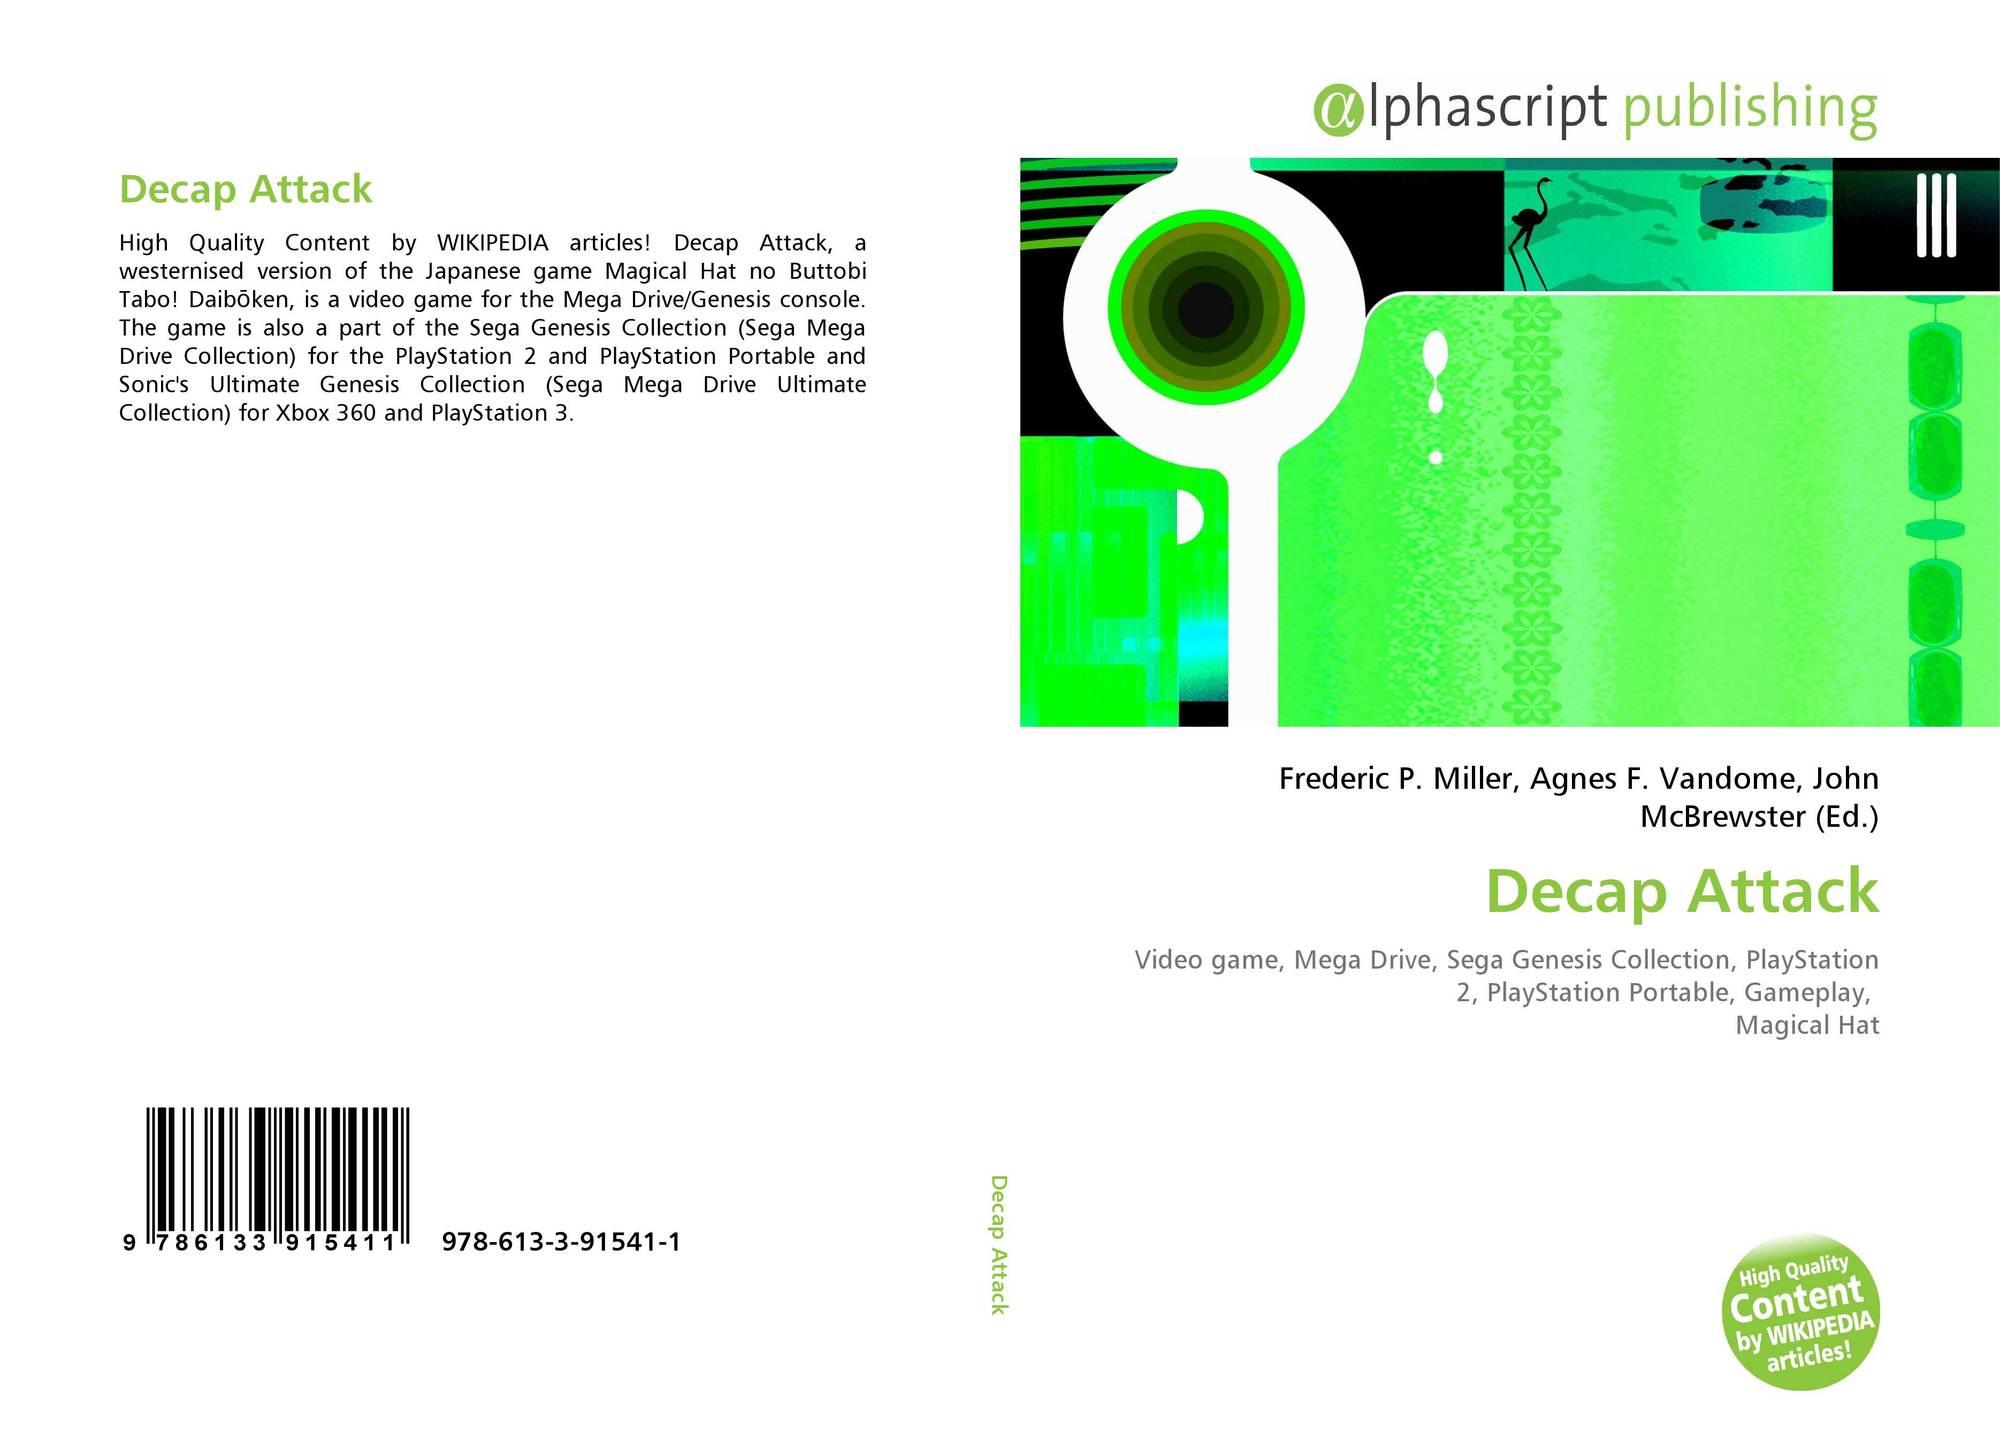 Decap Attack, 978-613-3-91541-1, 6133915412 ,9786133915411